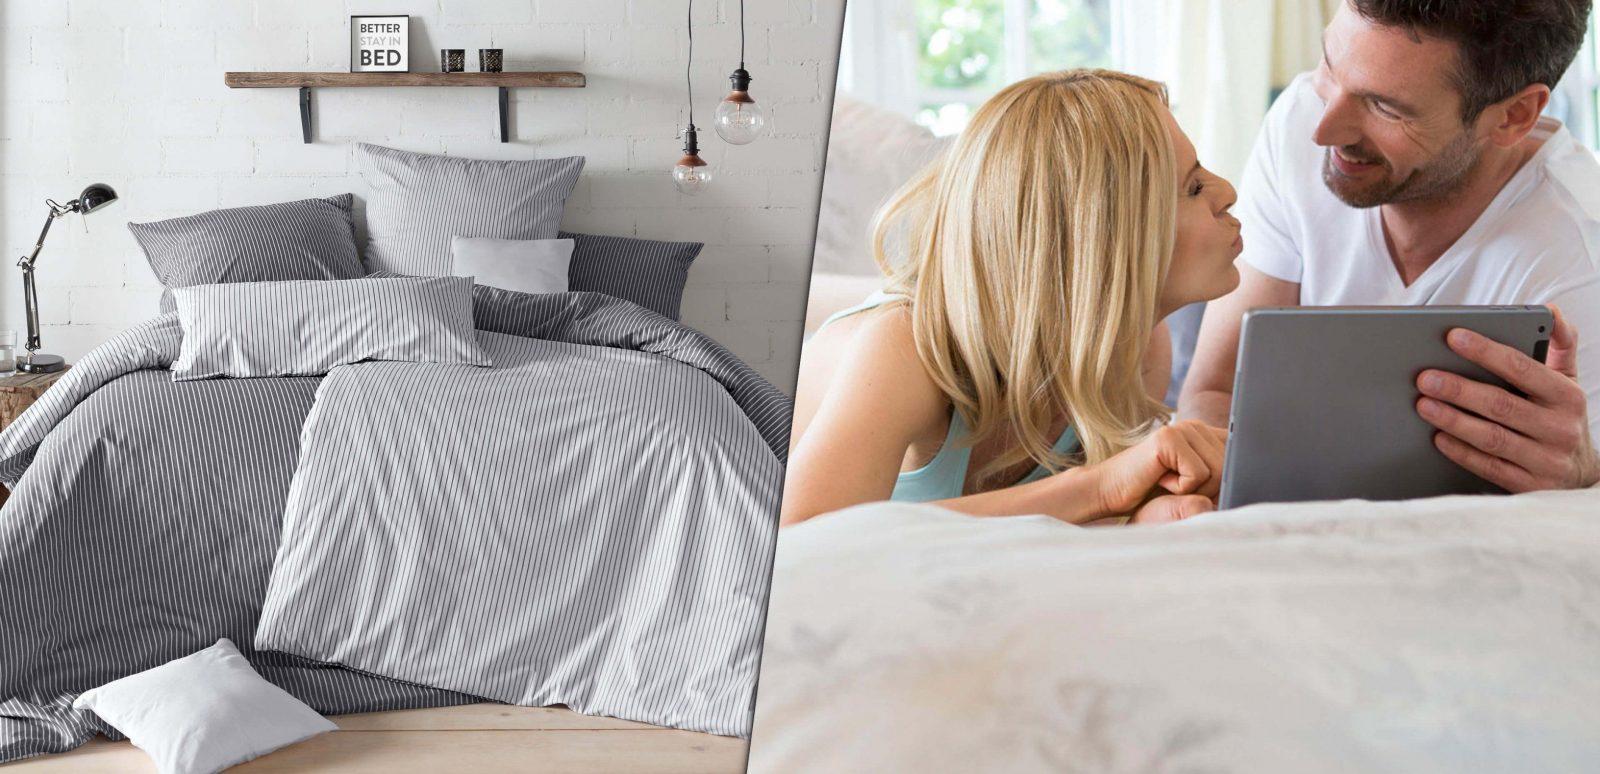 Hochwertige Bettwäsche Zum Wohlfühlen  Estella Bettwäsche von Estella Bettwäsche Fabrikverkauf Photo